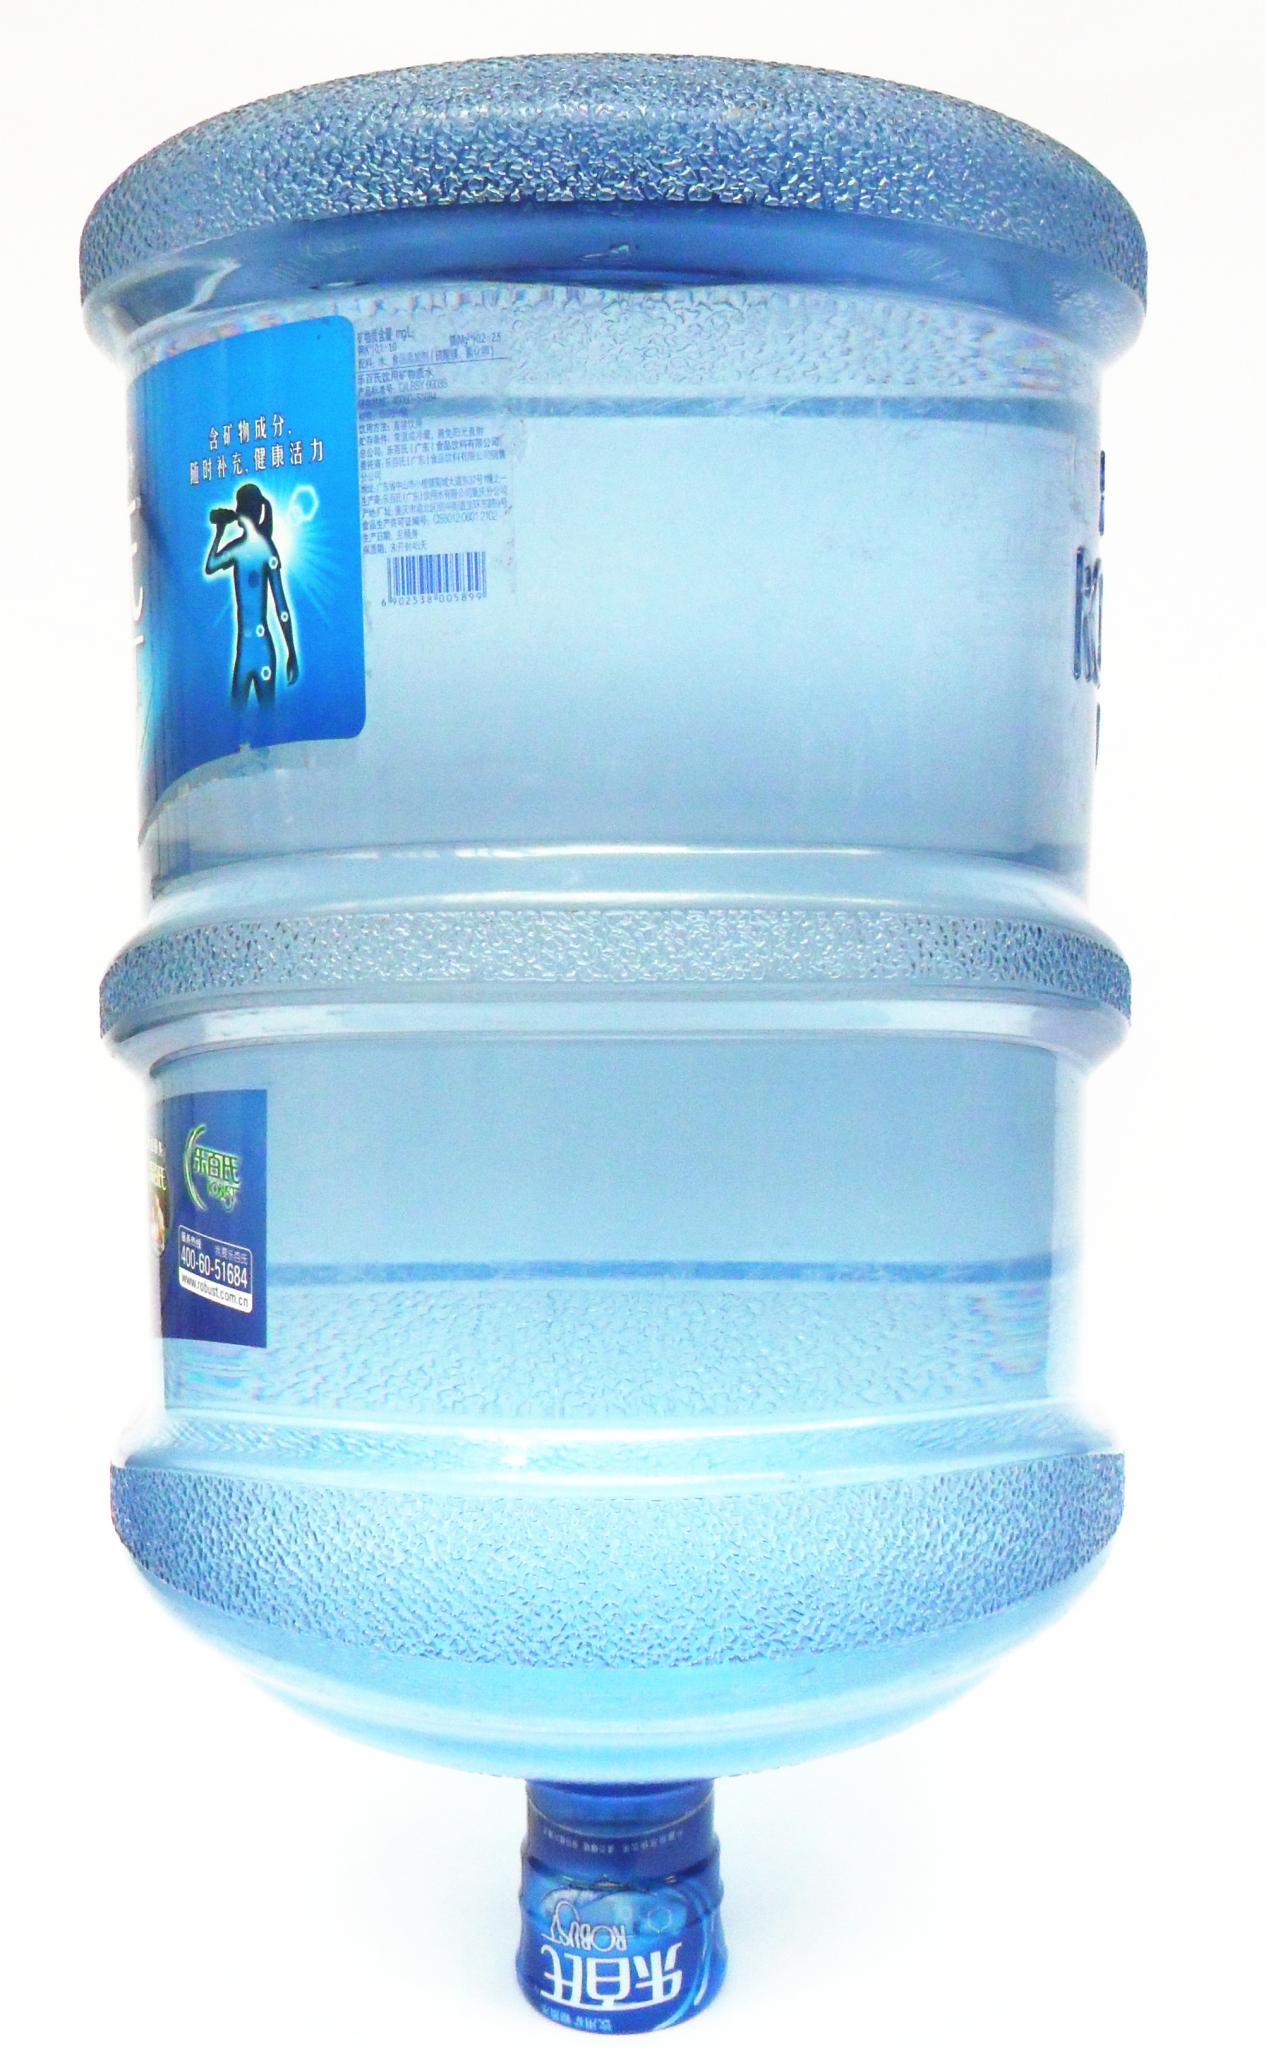 娃哈哈桶装水直销店